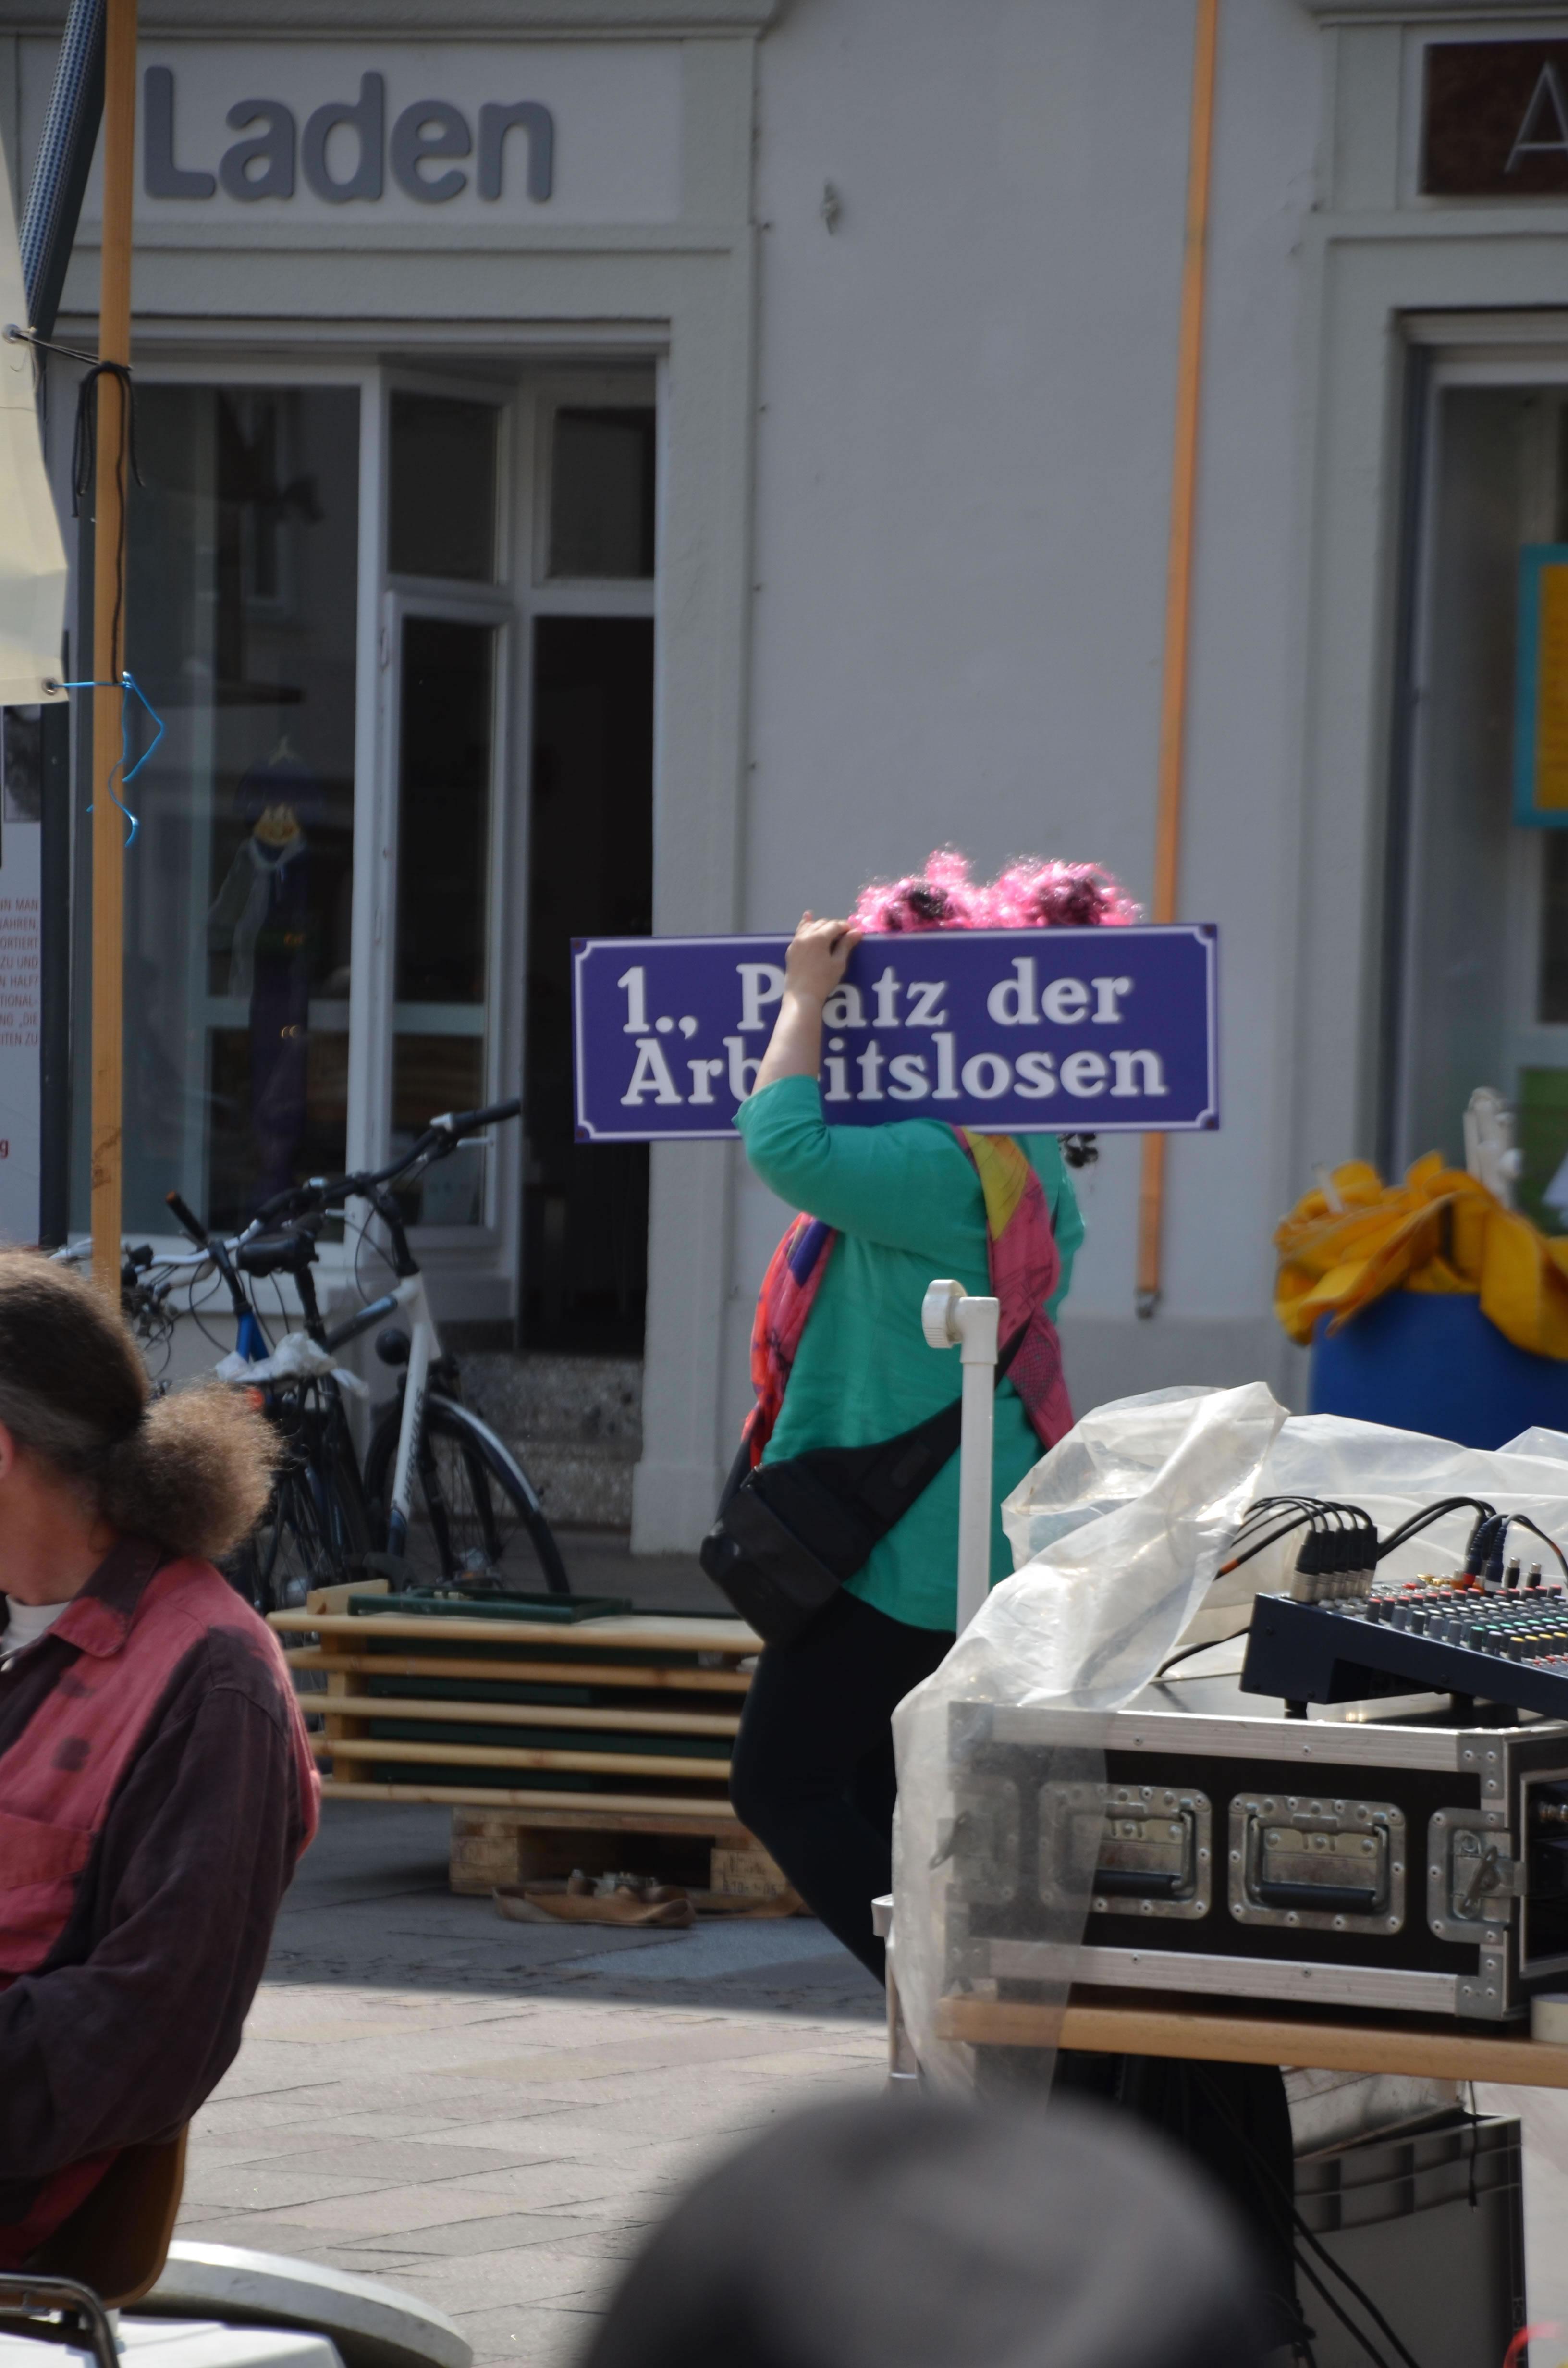 Betty Baloo am Tag der Arbeitslosen 2014 in Graz Mariahilfer Platz mit Schild gehend